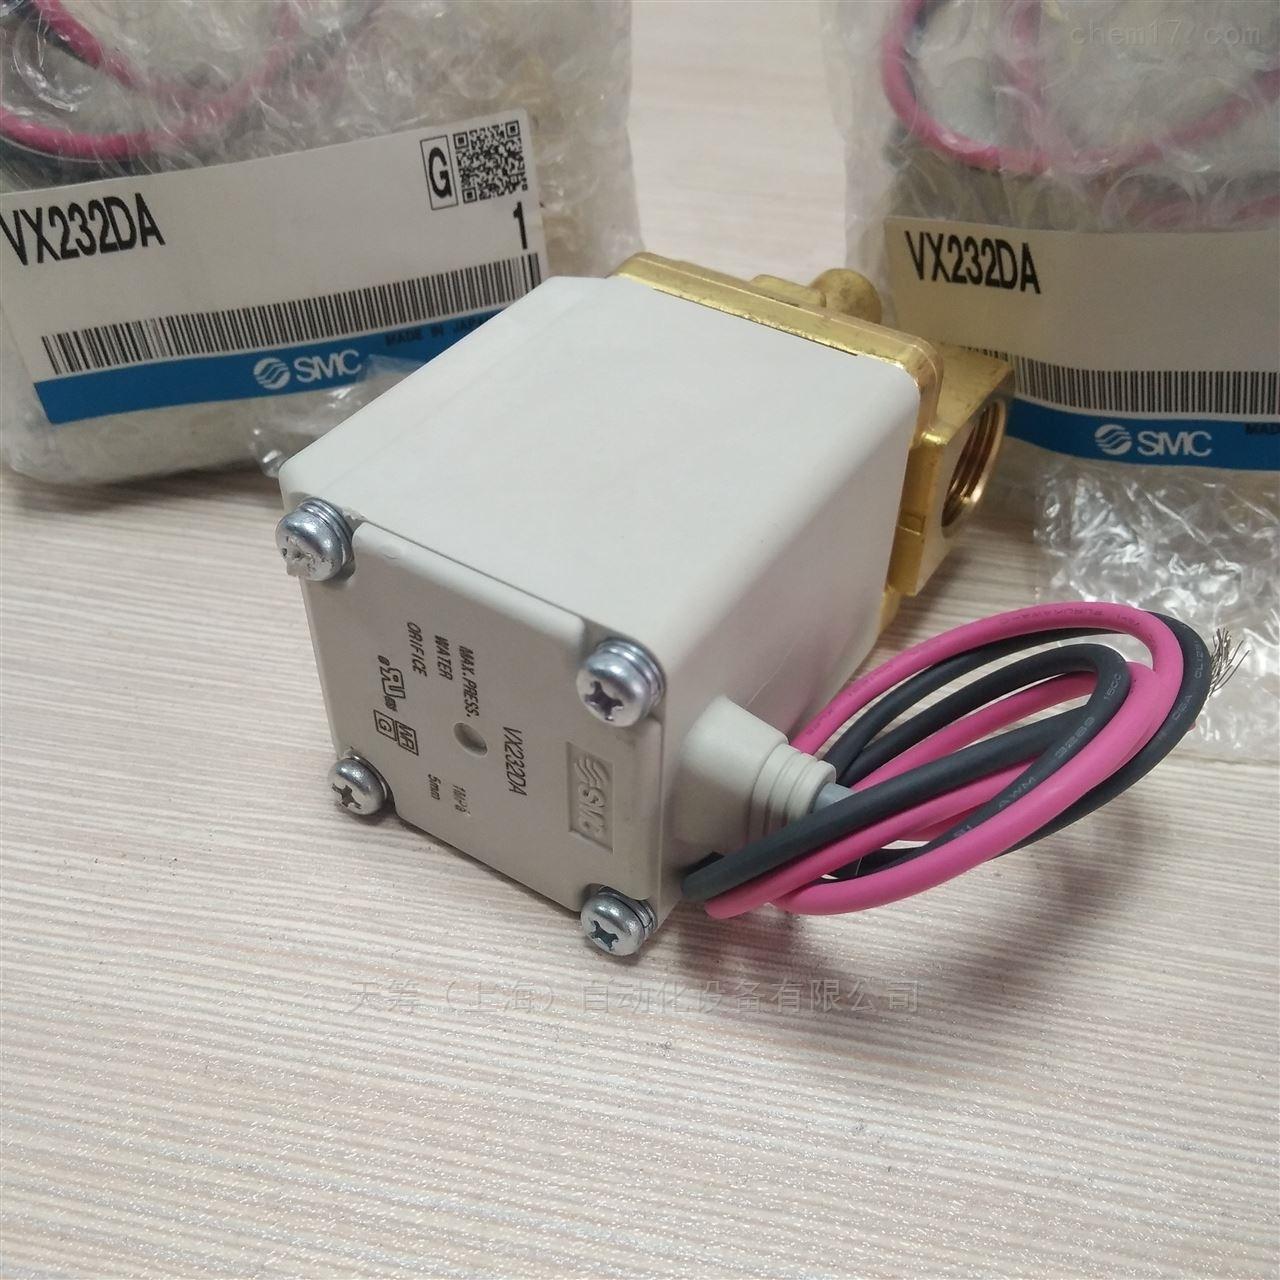 日本SMC进口电磁阀VX232DA直动式2通阀